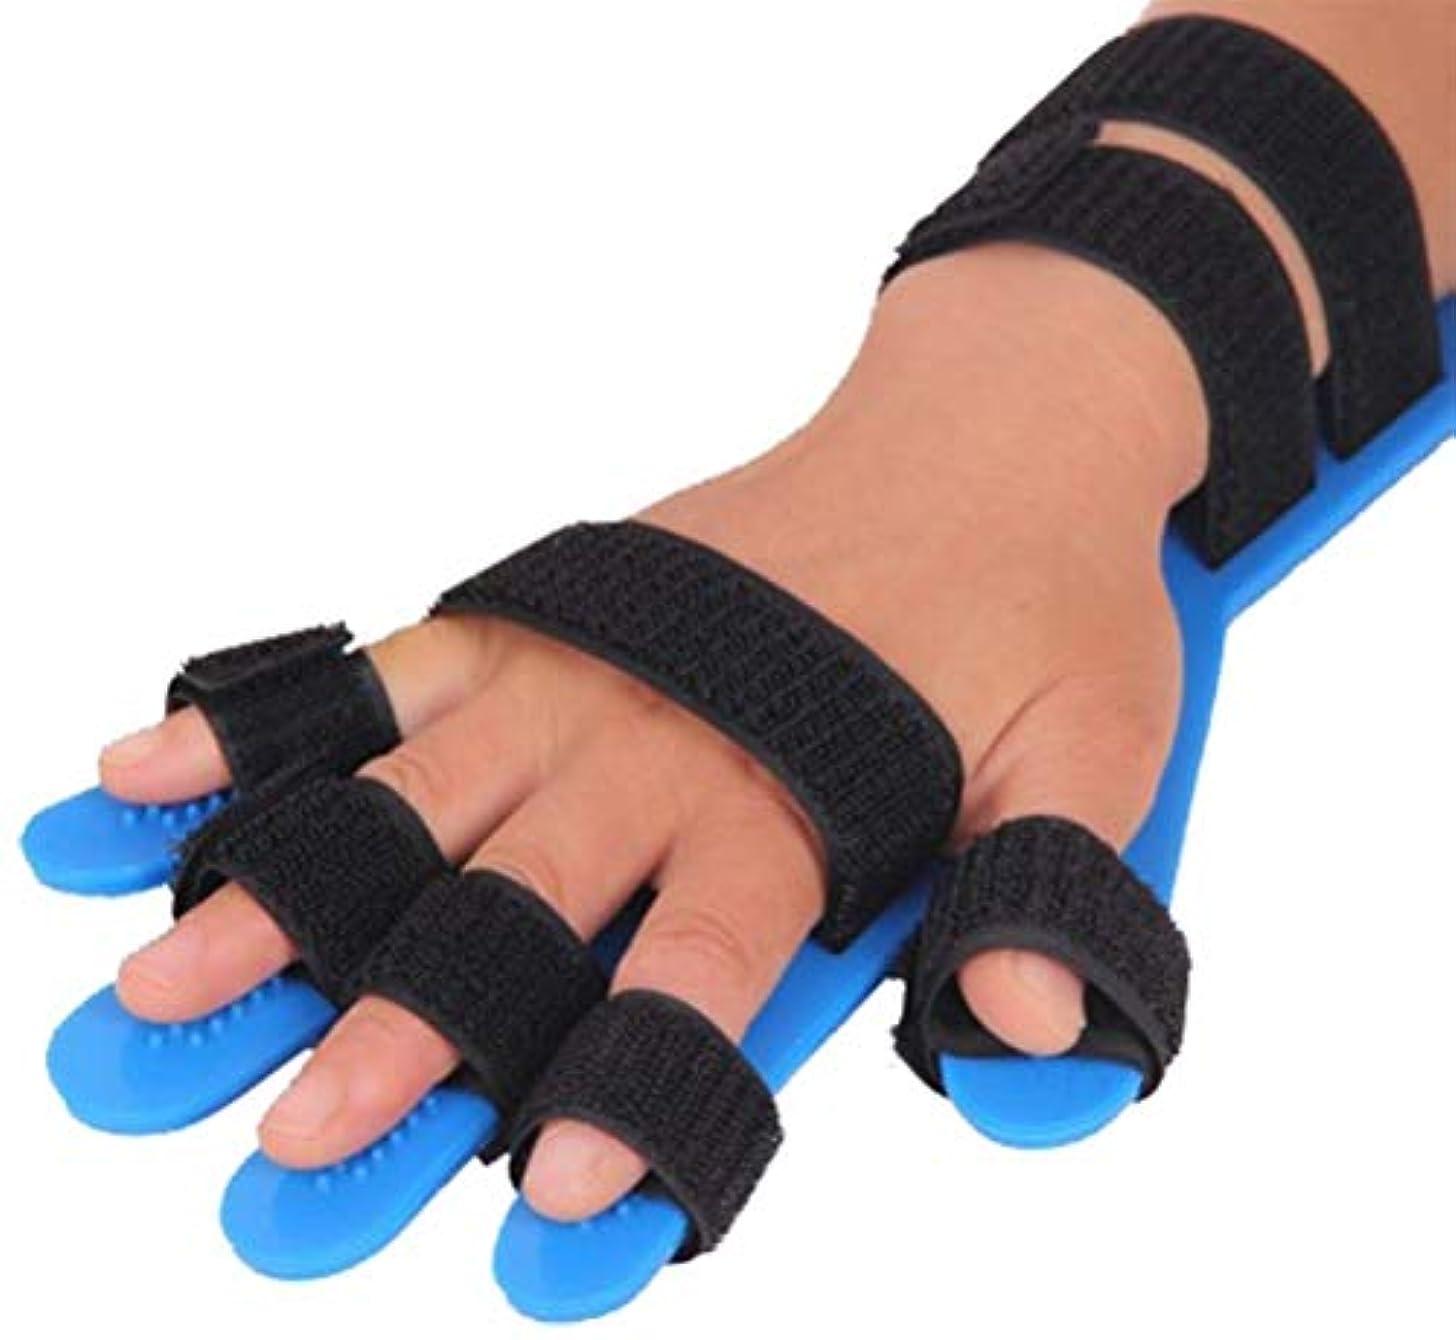 可能神アメリカ指矯正ポイント 指板 手指用ストレッチボード 指の訓練装置 指の添え木指板 指トレーニングボード 左右手通用 調節可能なフィンガー 脳卒中片麻痺患者 手首リハビリテーション訓練装置 強化版